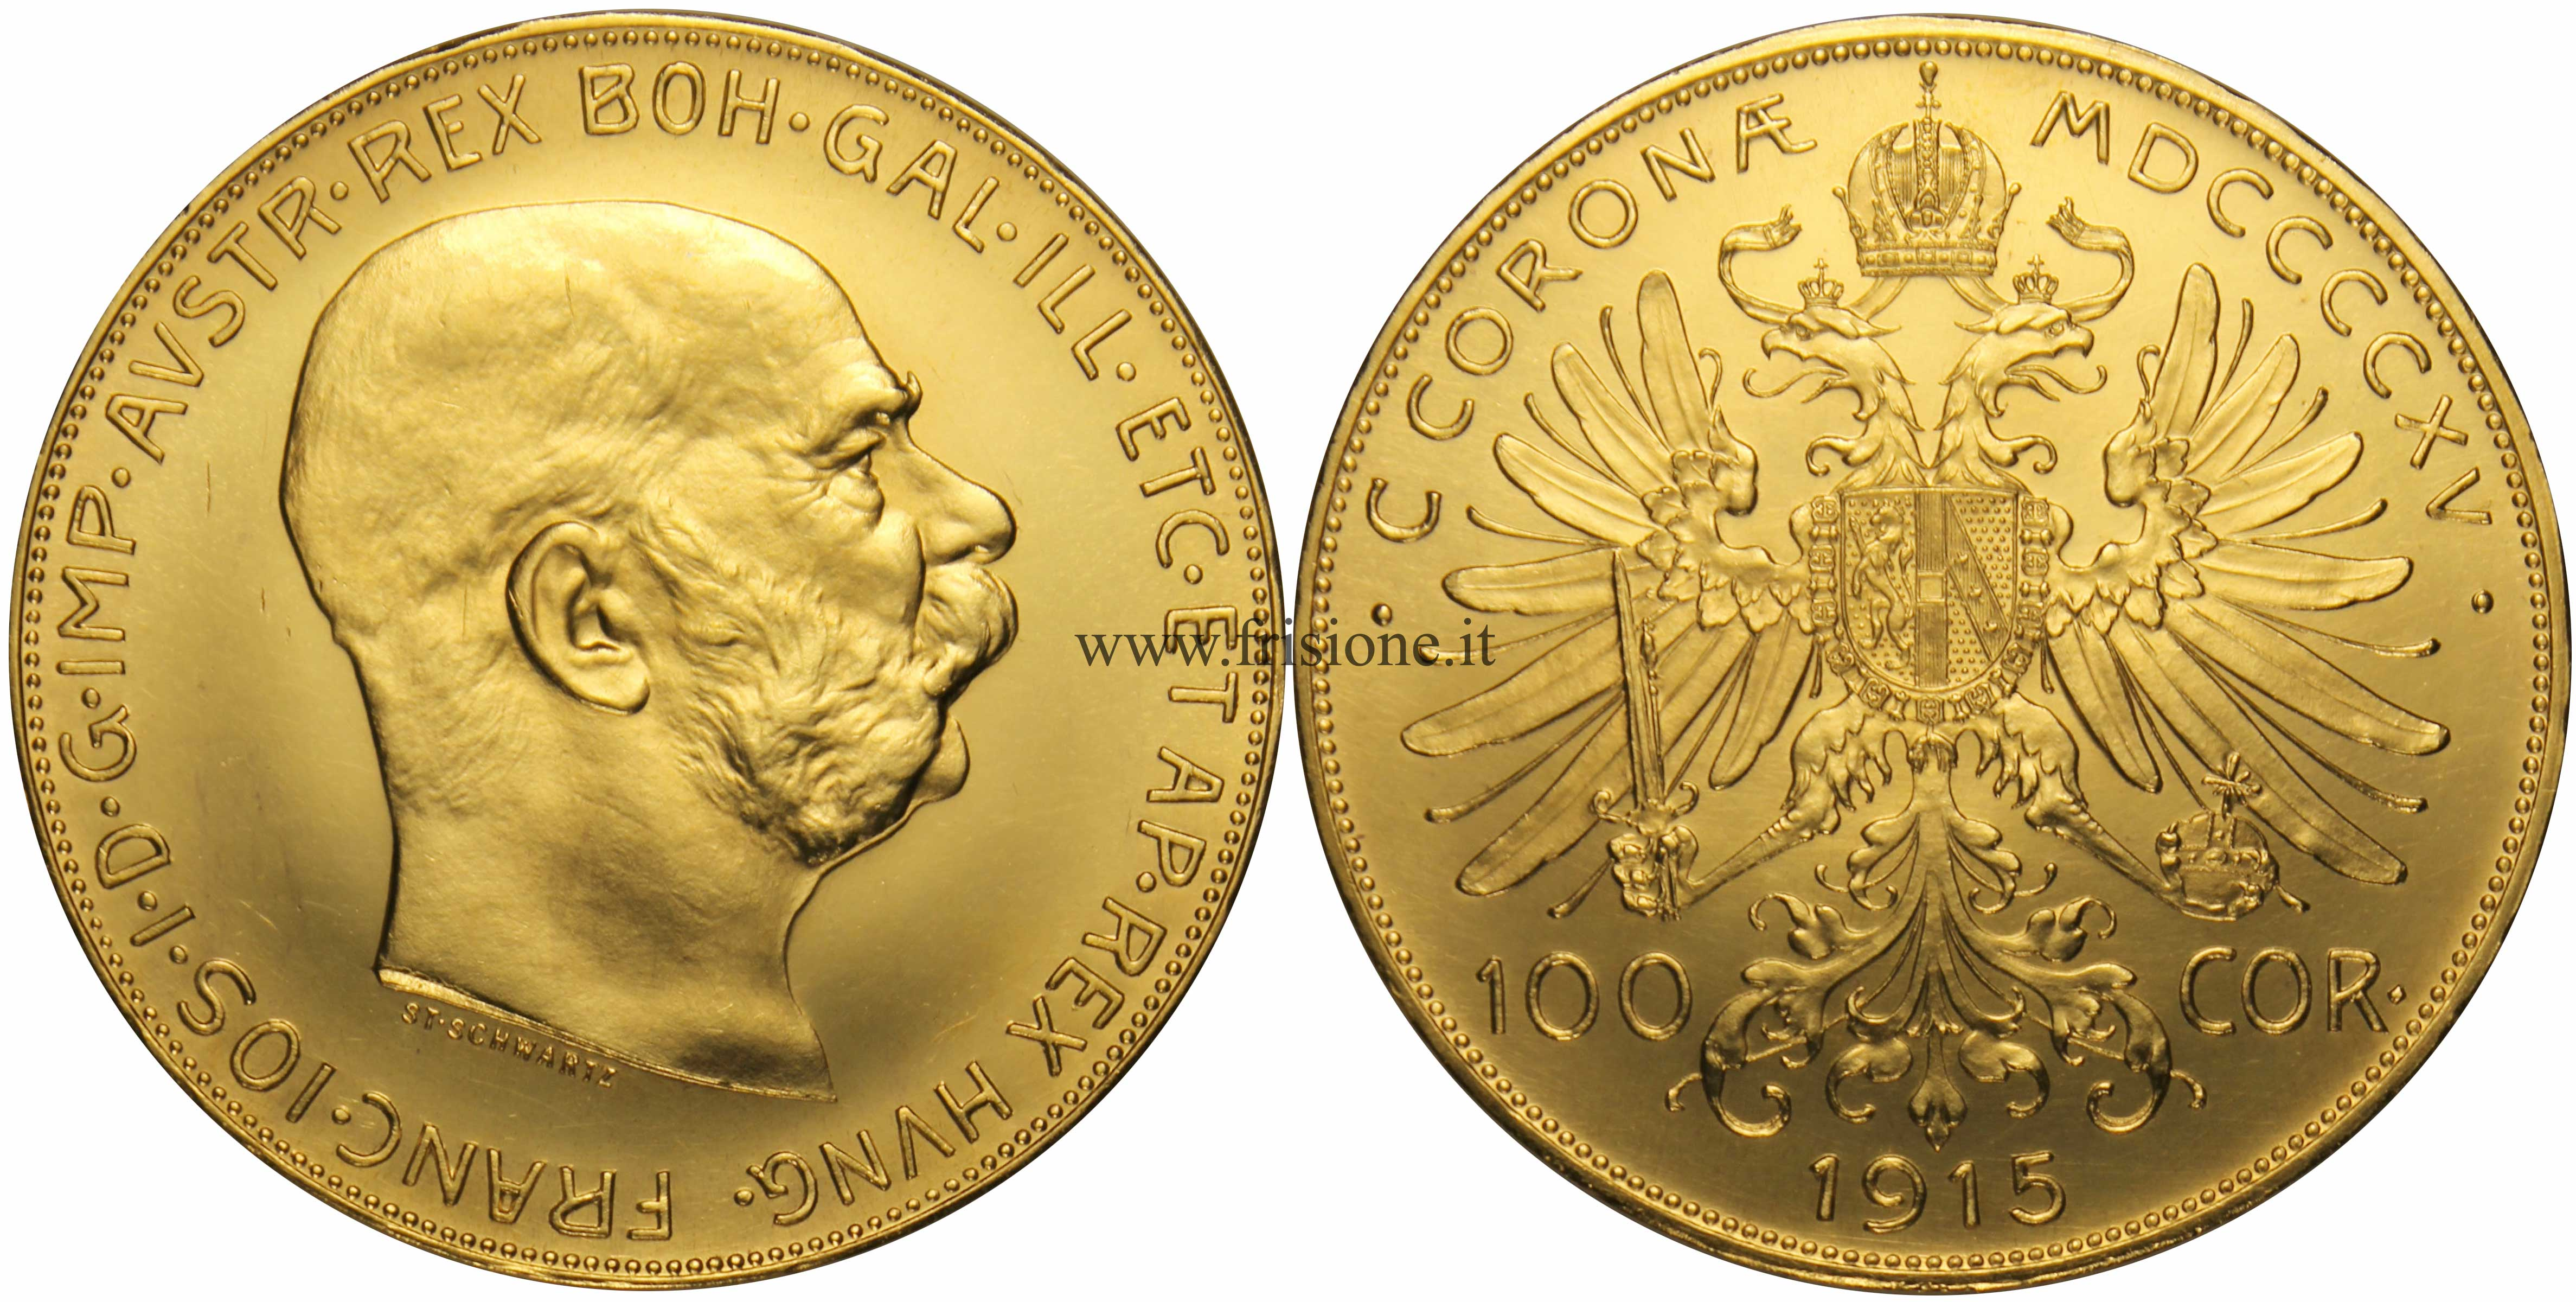 Austria 100 corone 1915 - Sterlina oro 2017 fondo specchio ...